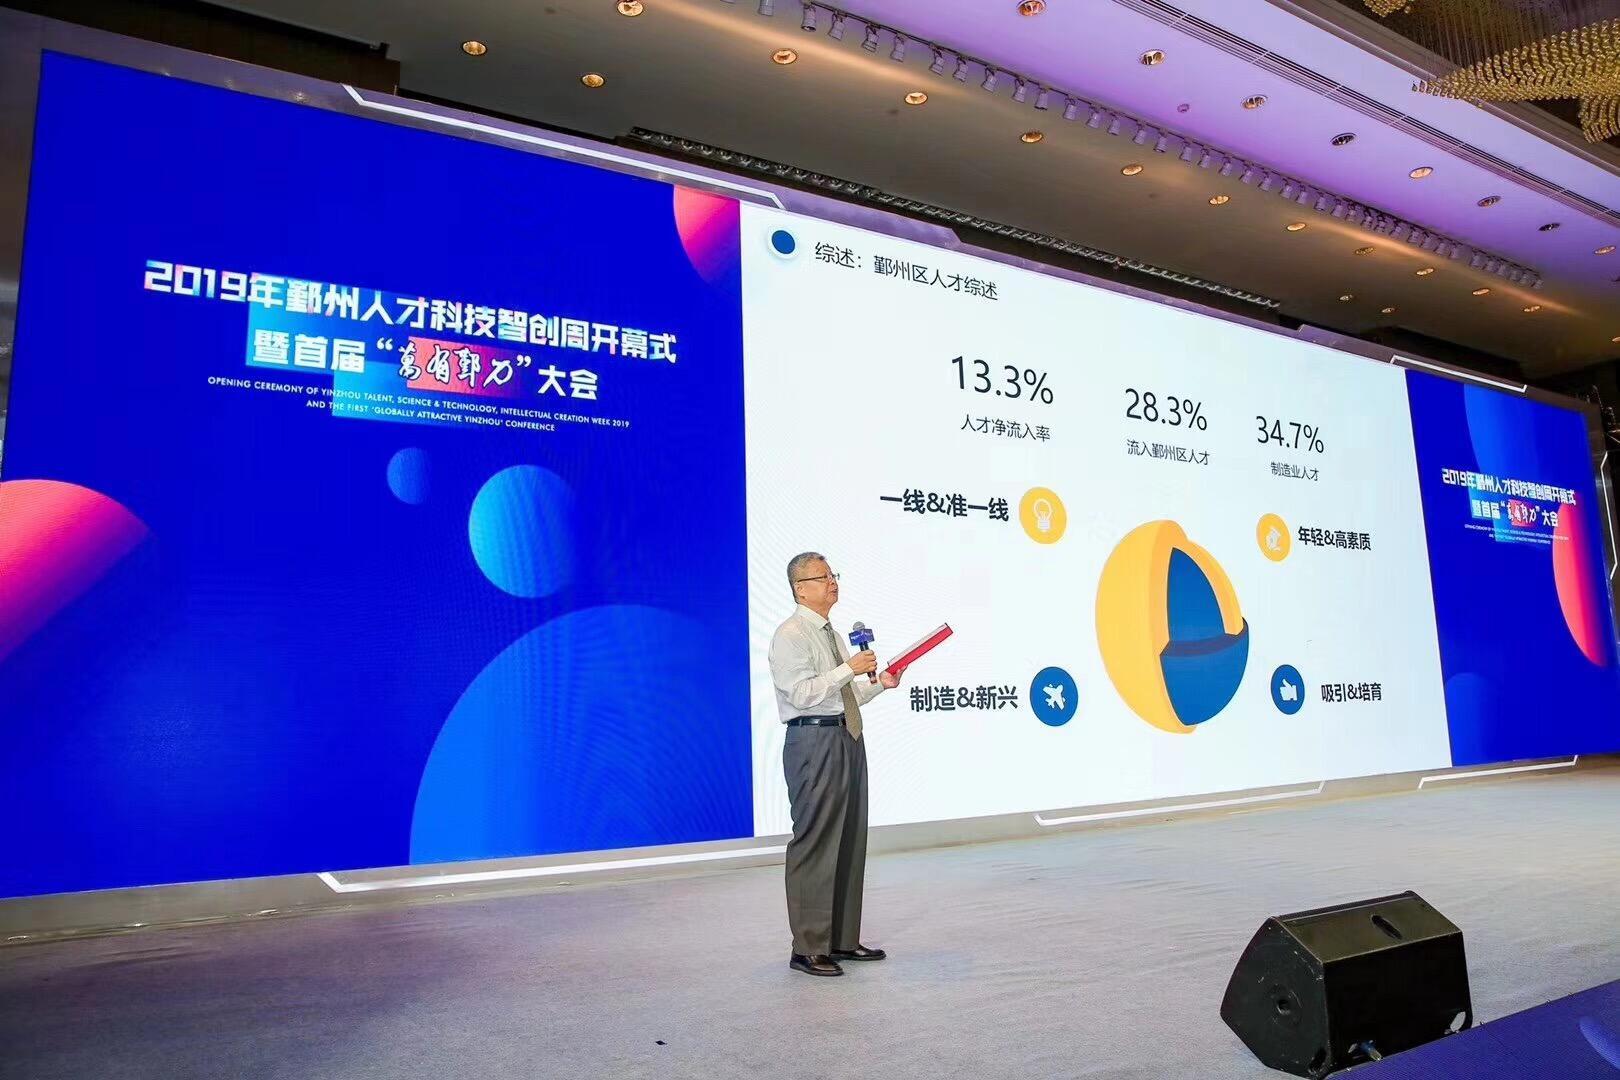 http://www.qwican.com/fangchanshichang/1843148.html